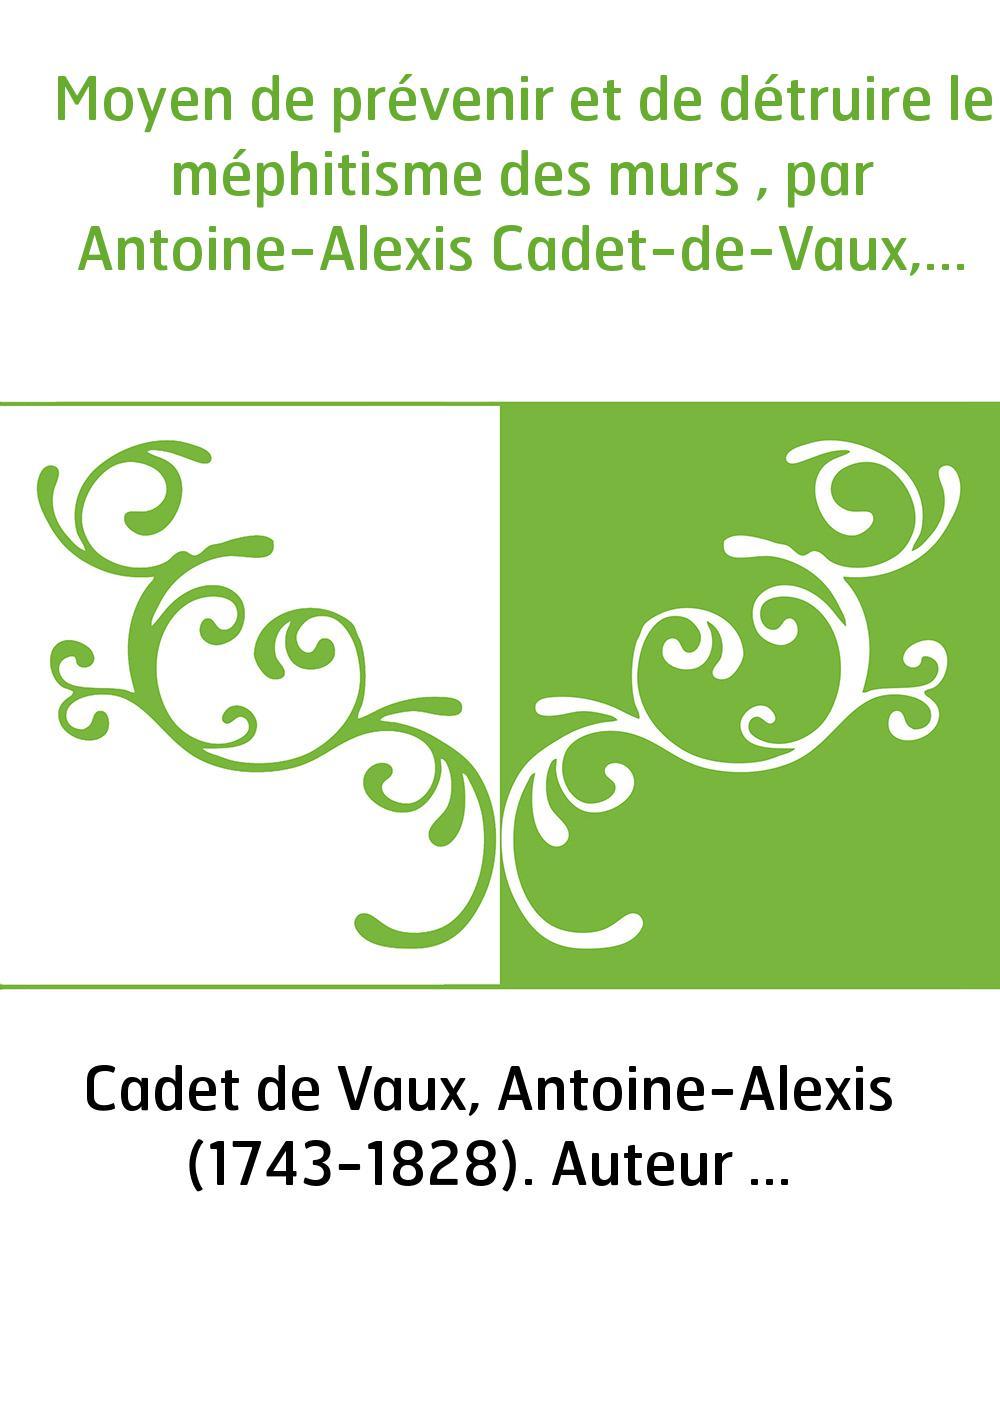 Moyen de prévenir et de détruire le méphitisme des murs , par Antoine-Alexis Cadet-de-Vaux,...